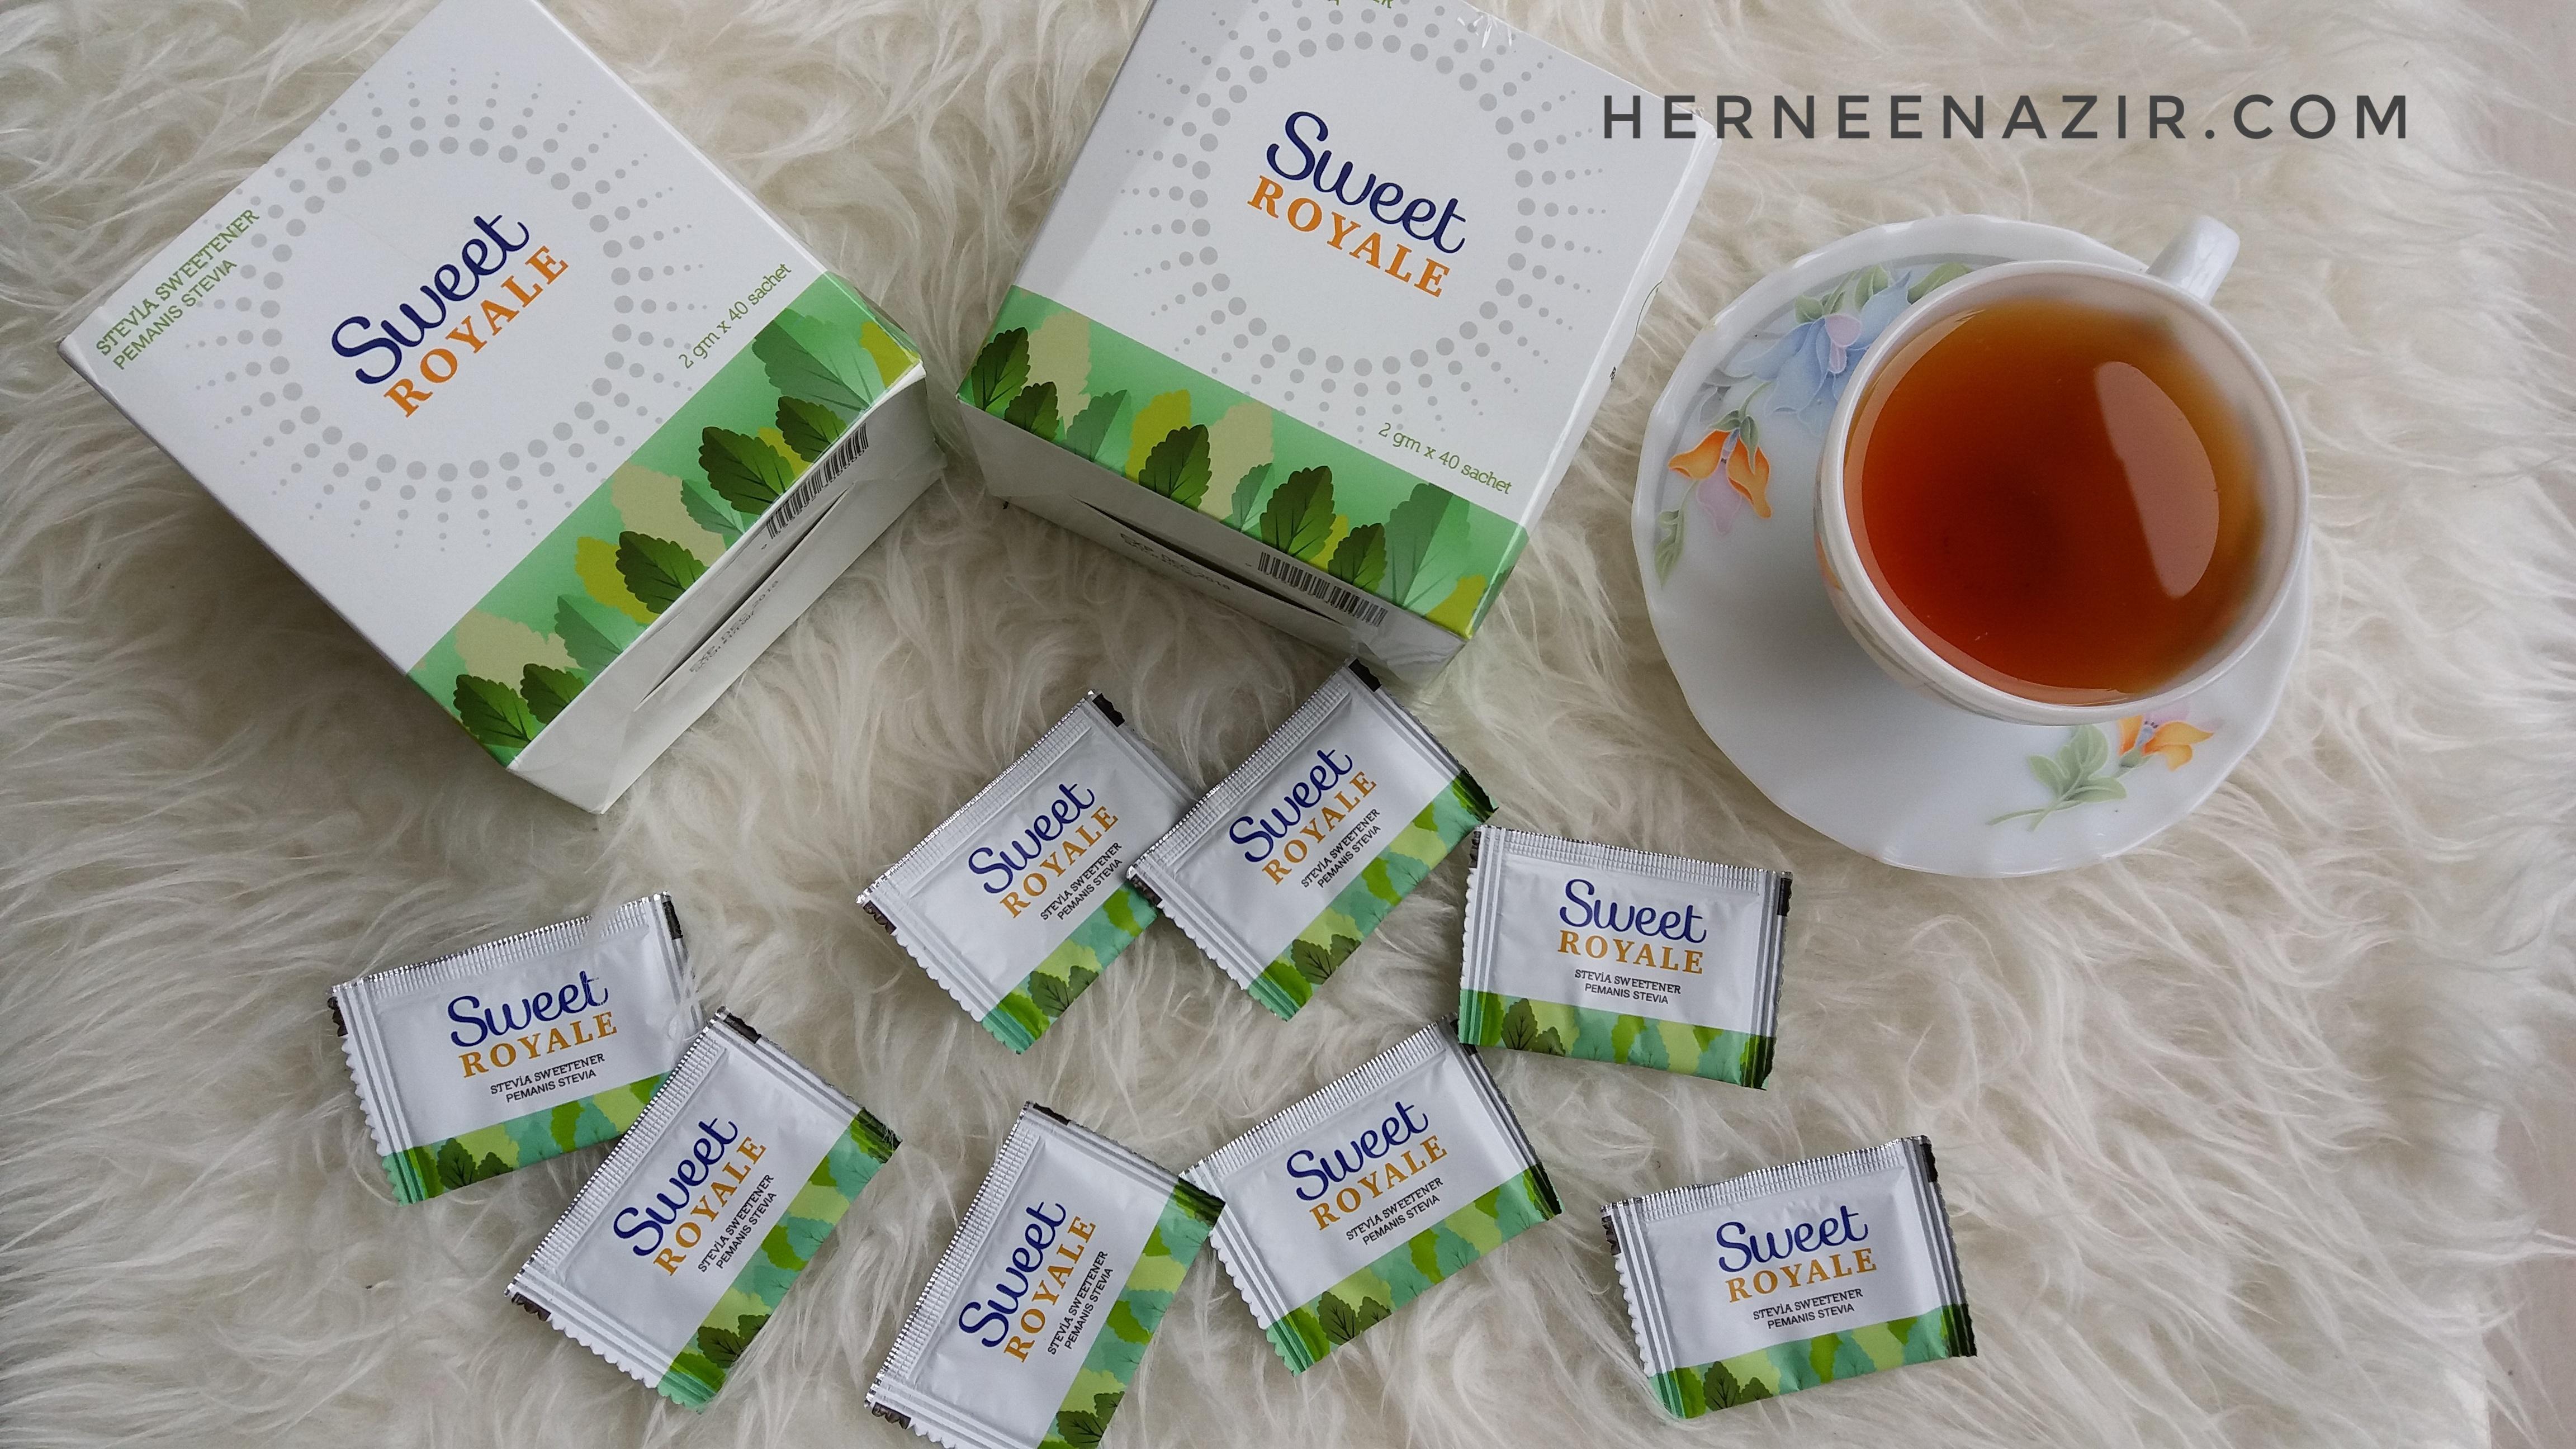 Gantikan Gula Dengan SweetRoyale Stevia Dijamin Halal